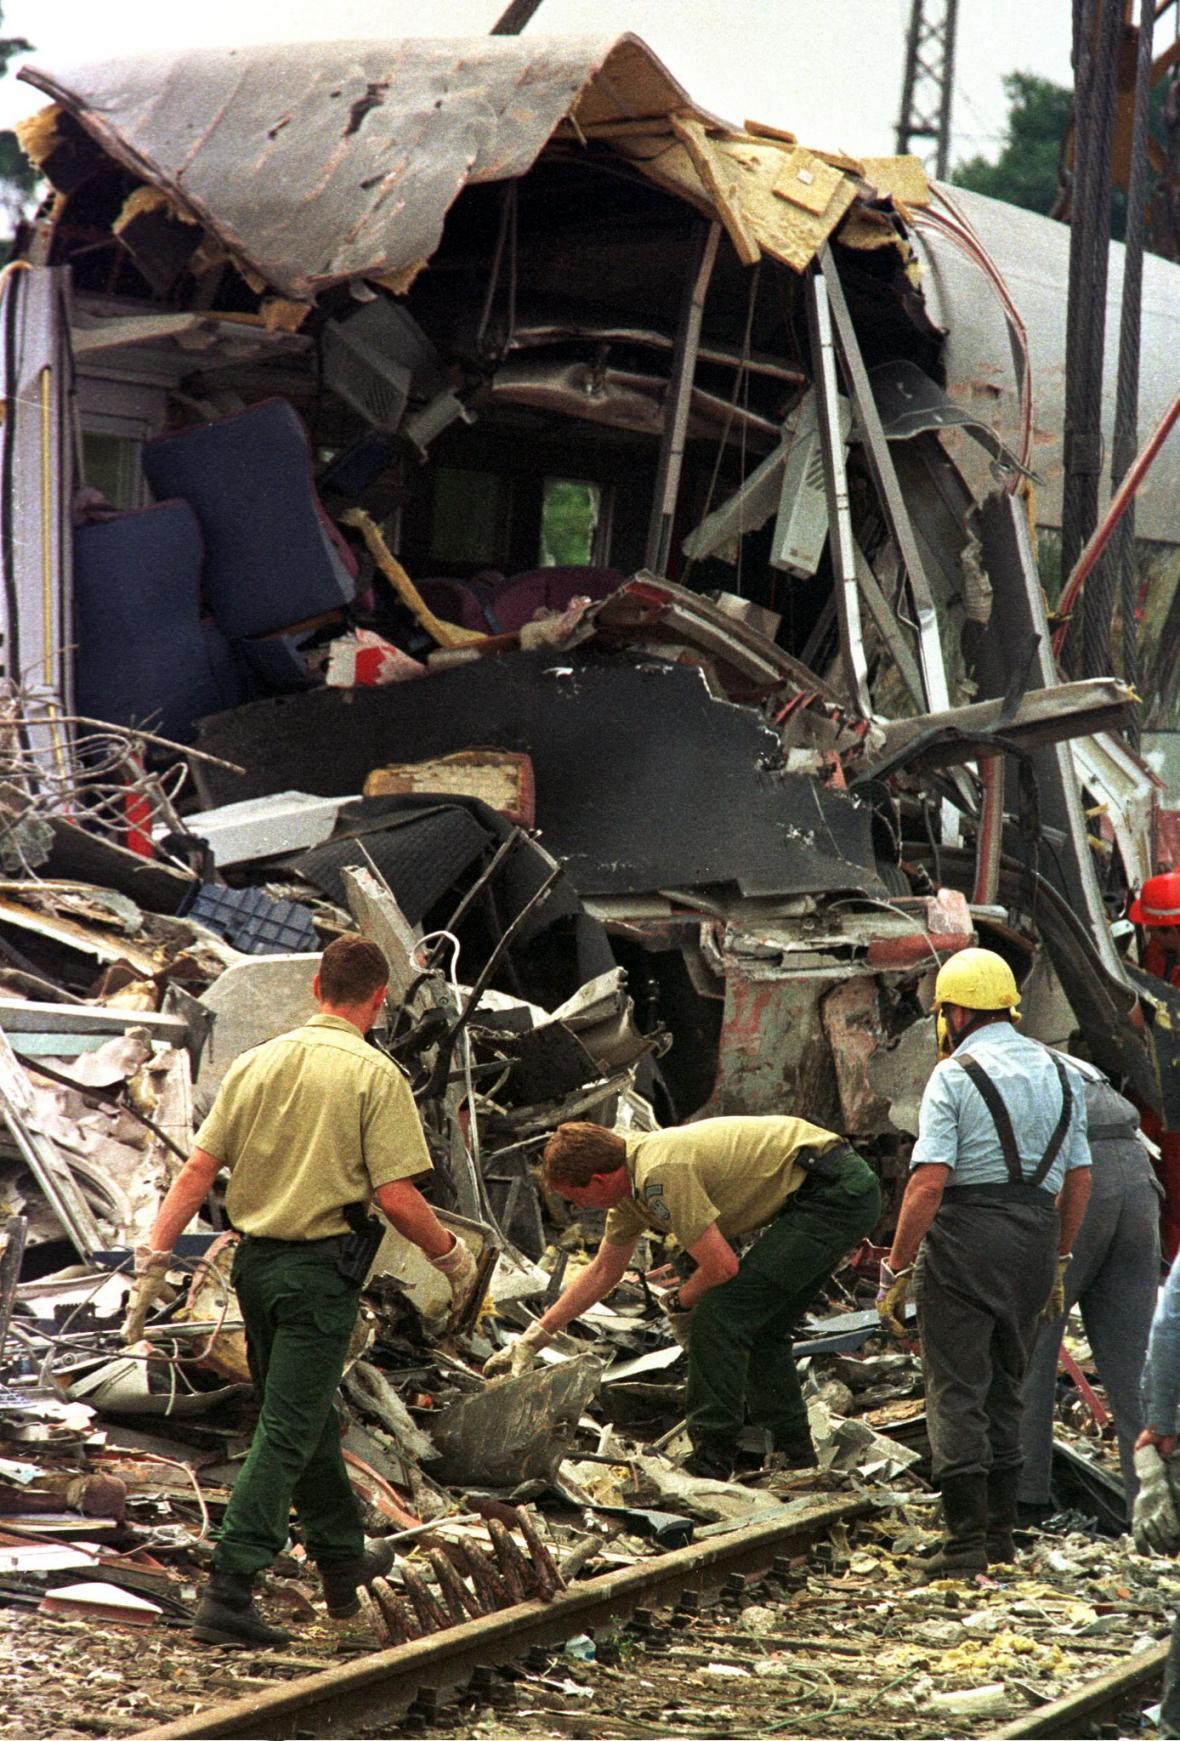 Ještě tři dny po nehodě hledali policisté a záchranáři v troskách vlaku možné oběti